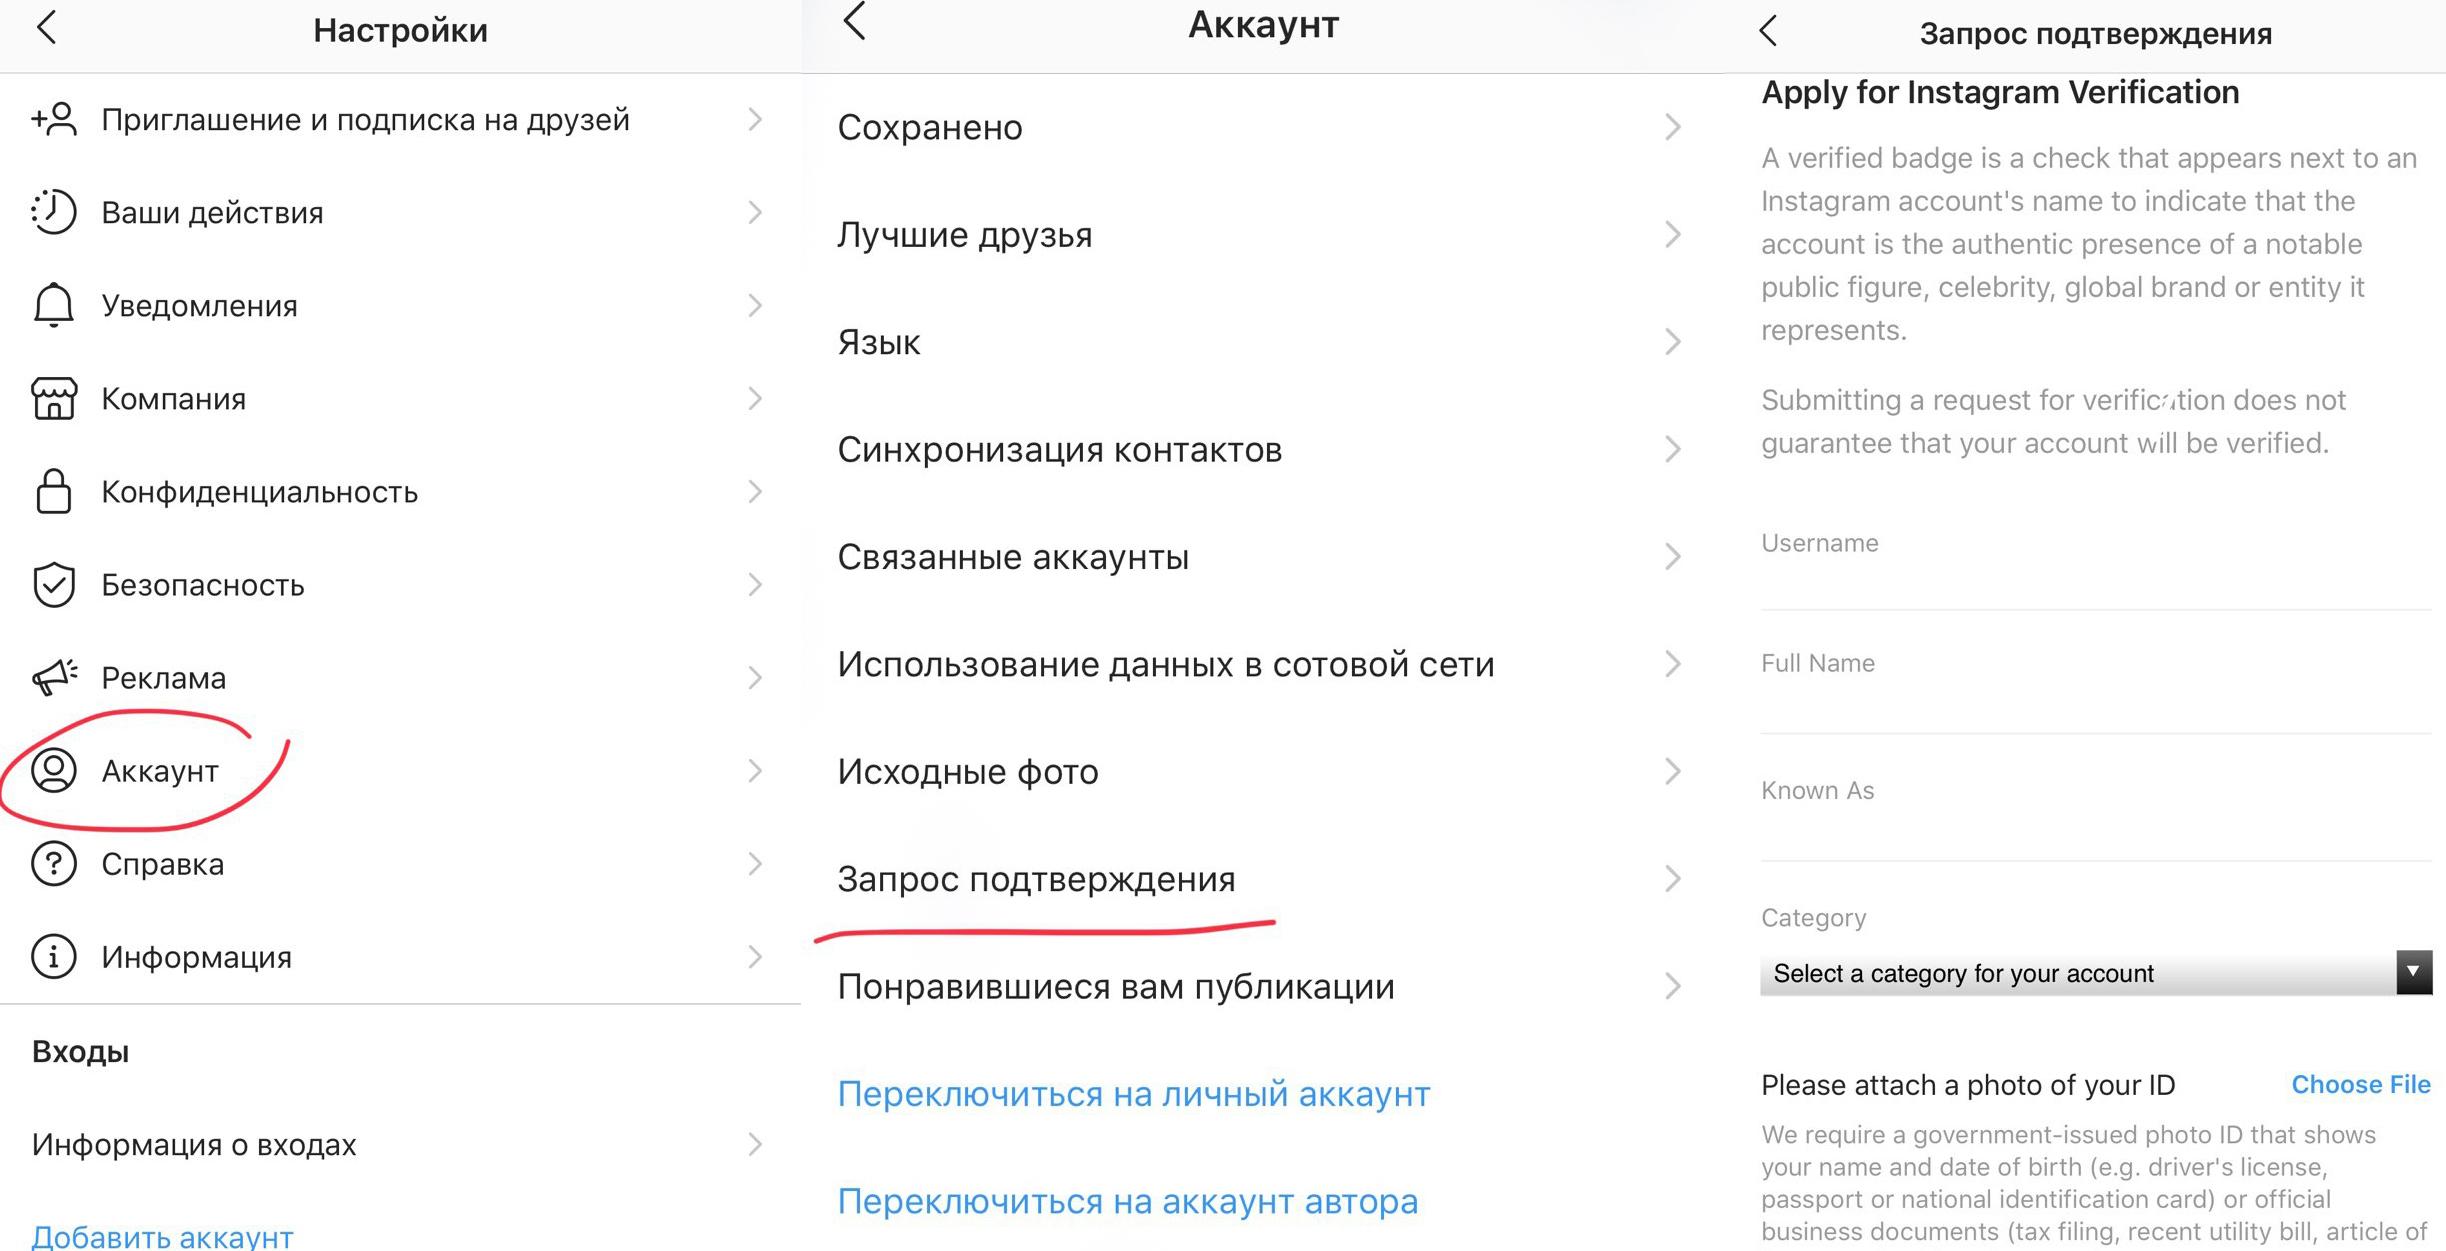 Инструкция по верификации в Инстаграм